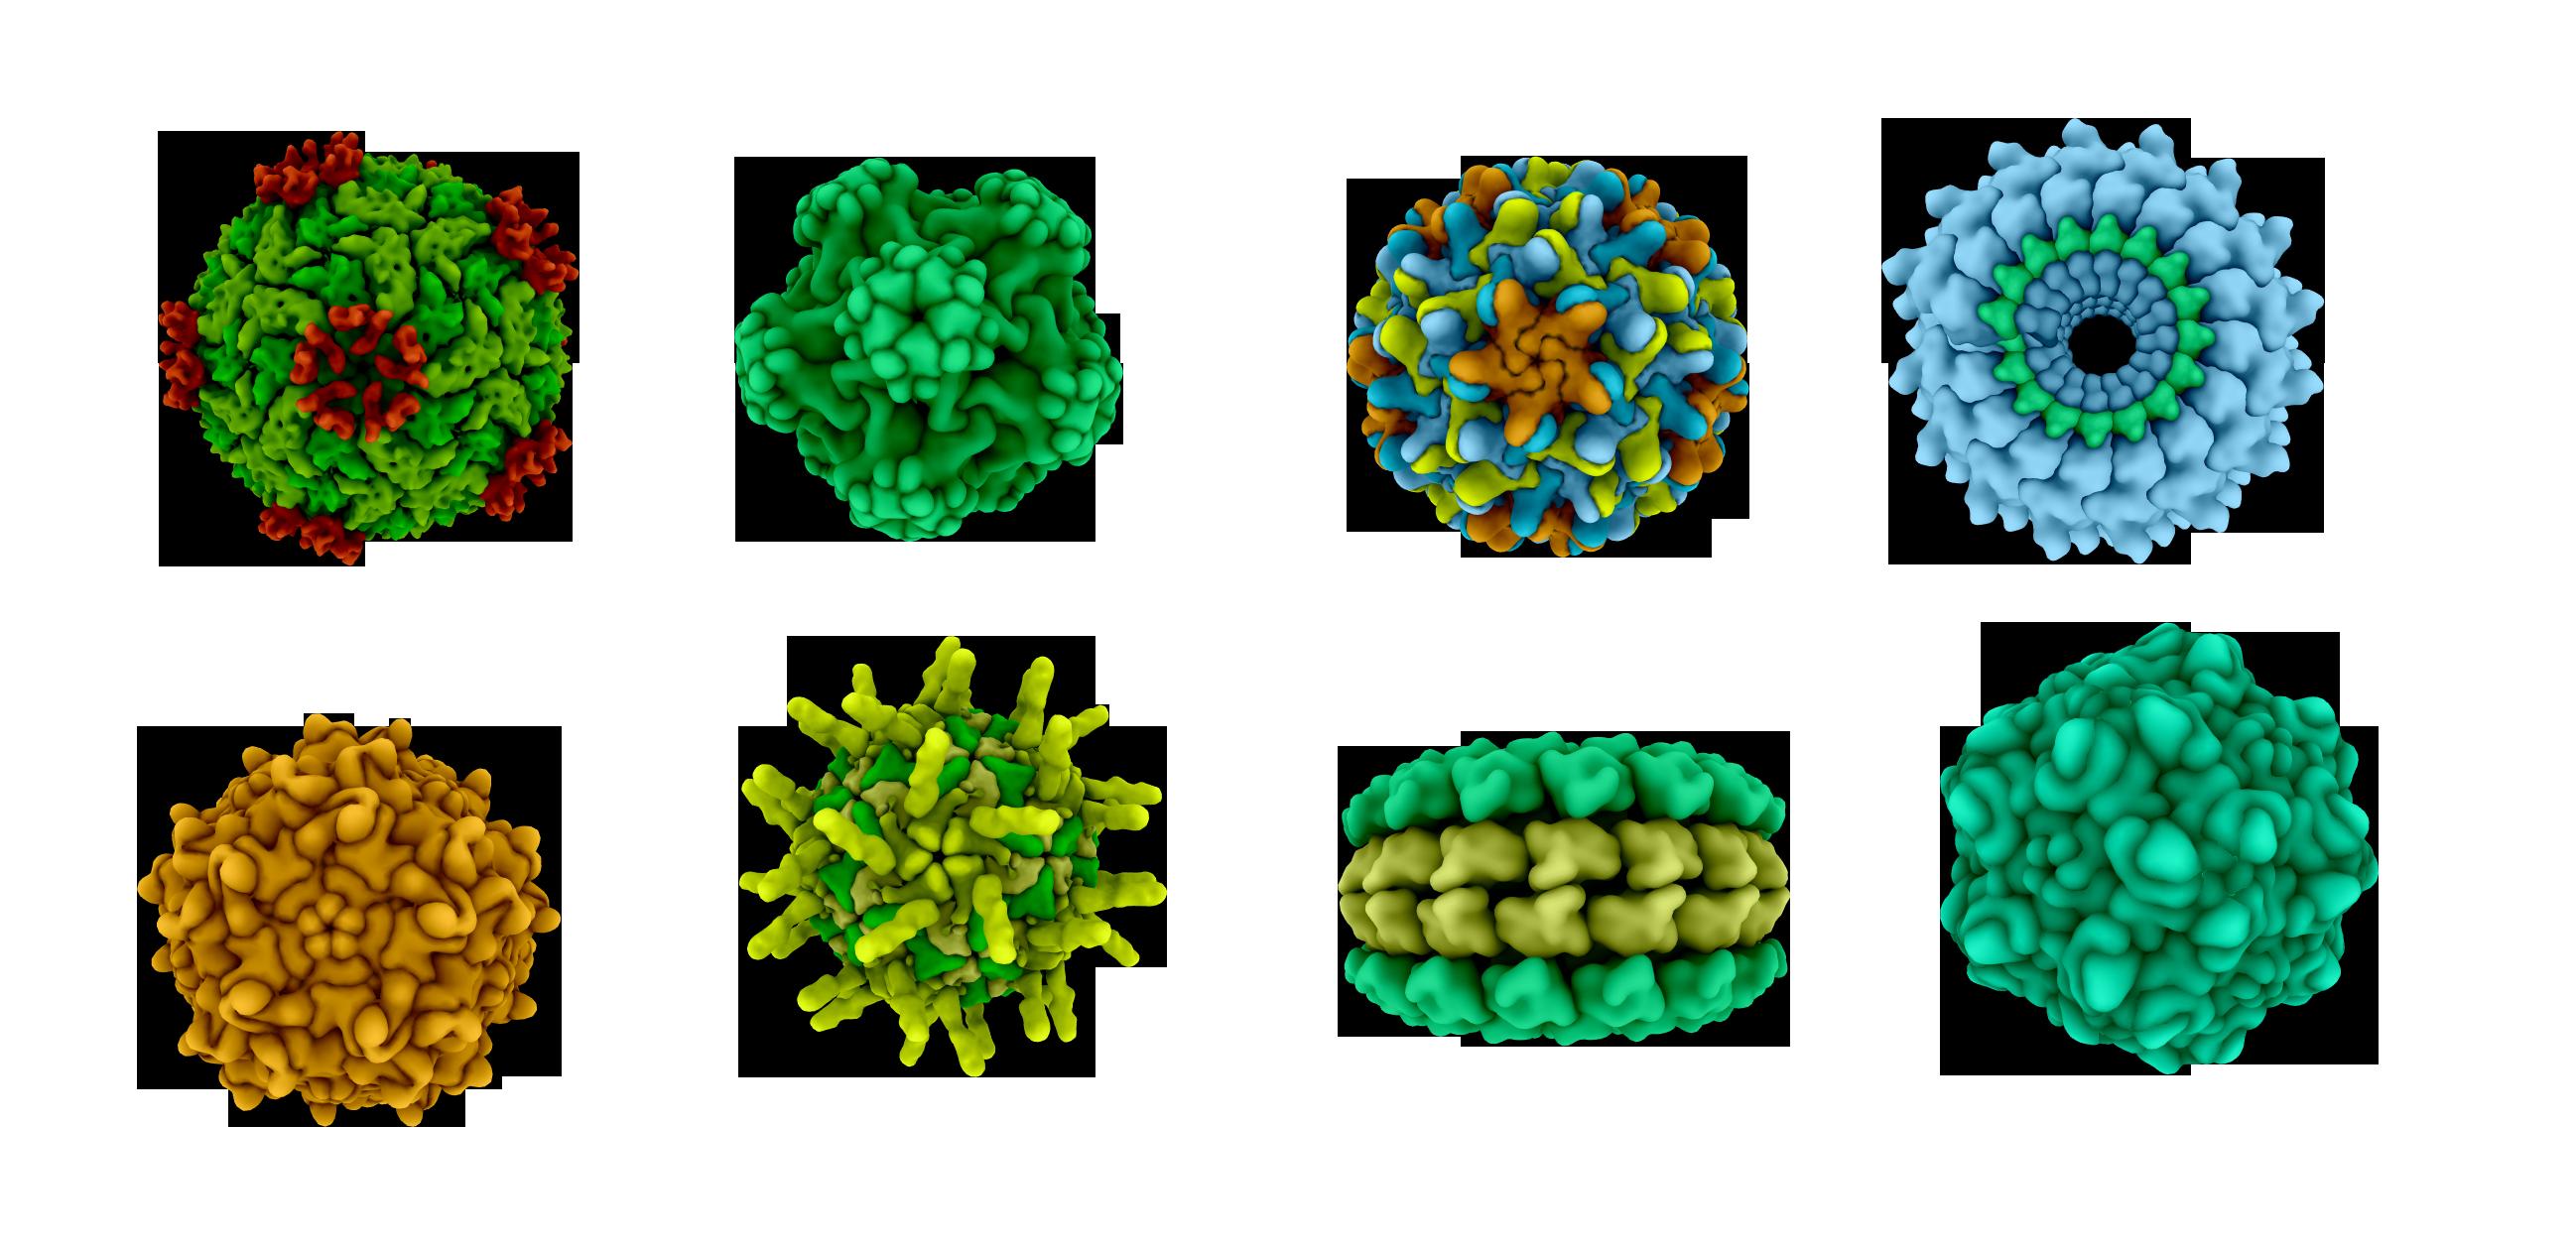 Ar putea o vreme mai caldă să frâneze răspândirea coronavirusului?